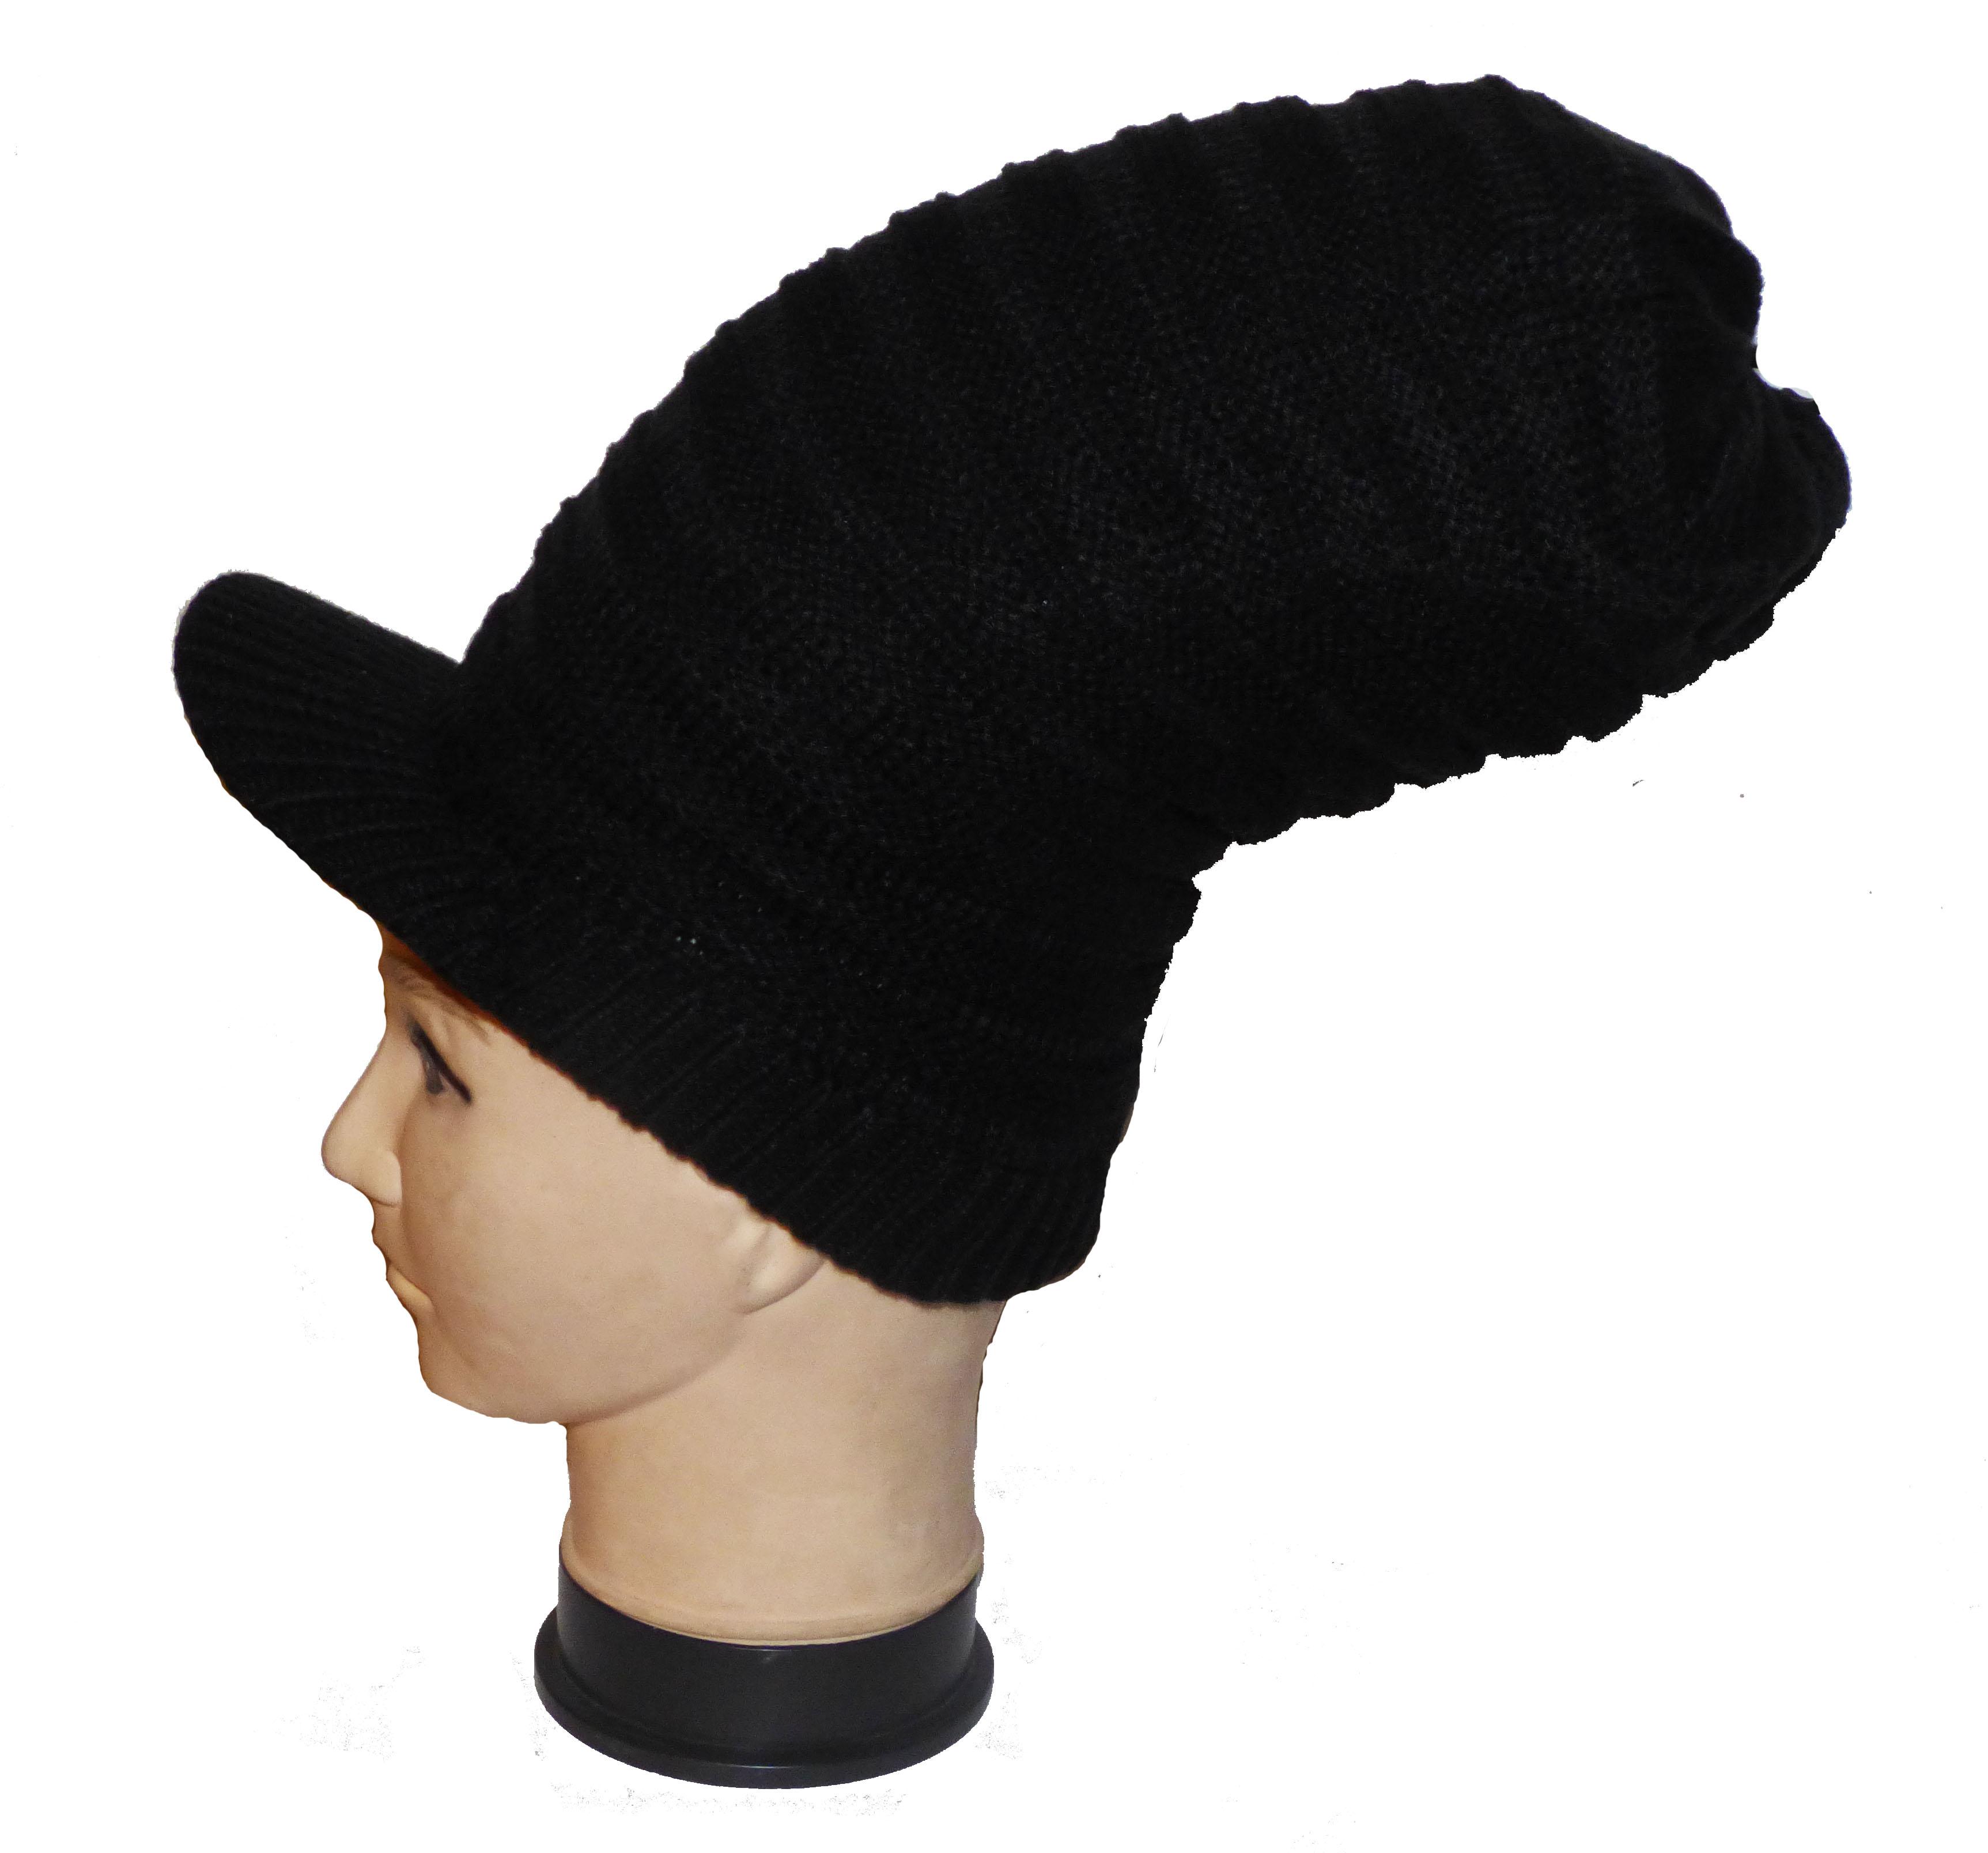 8e57b2b08767a Bonnet à Dreads avec visière Noir   CED'N CO